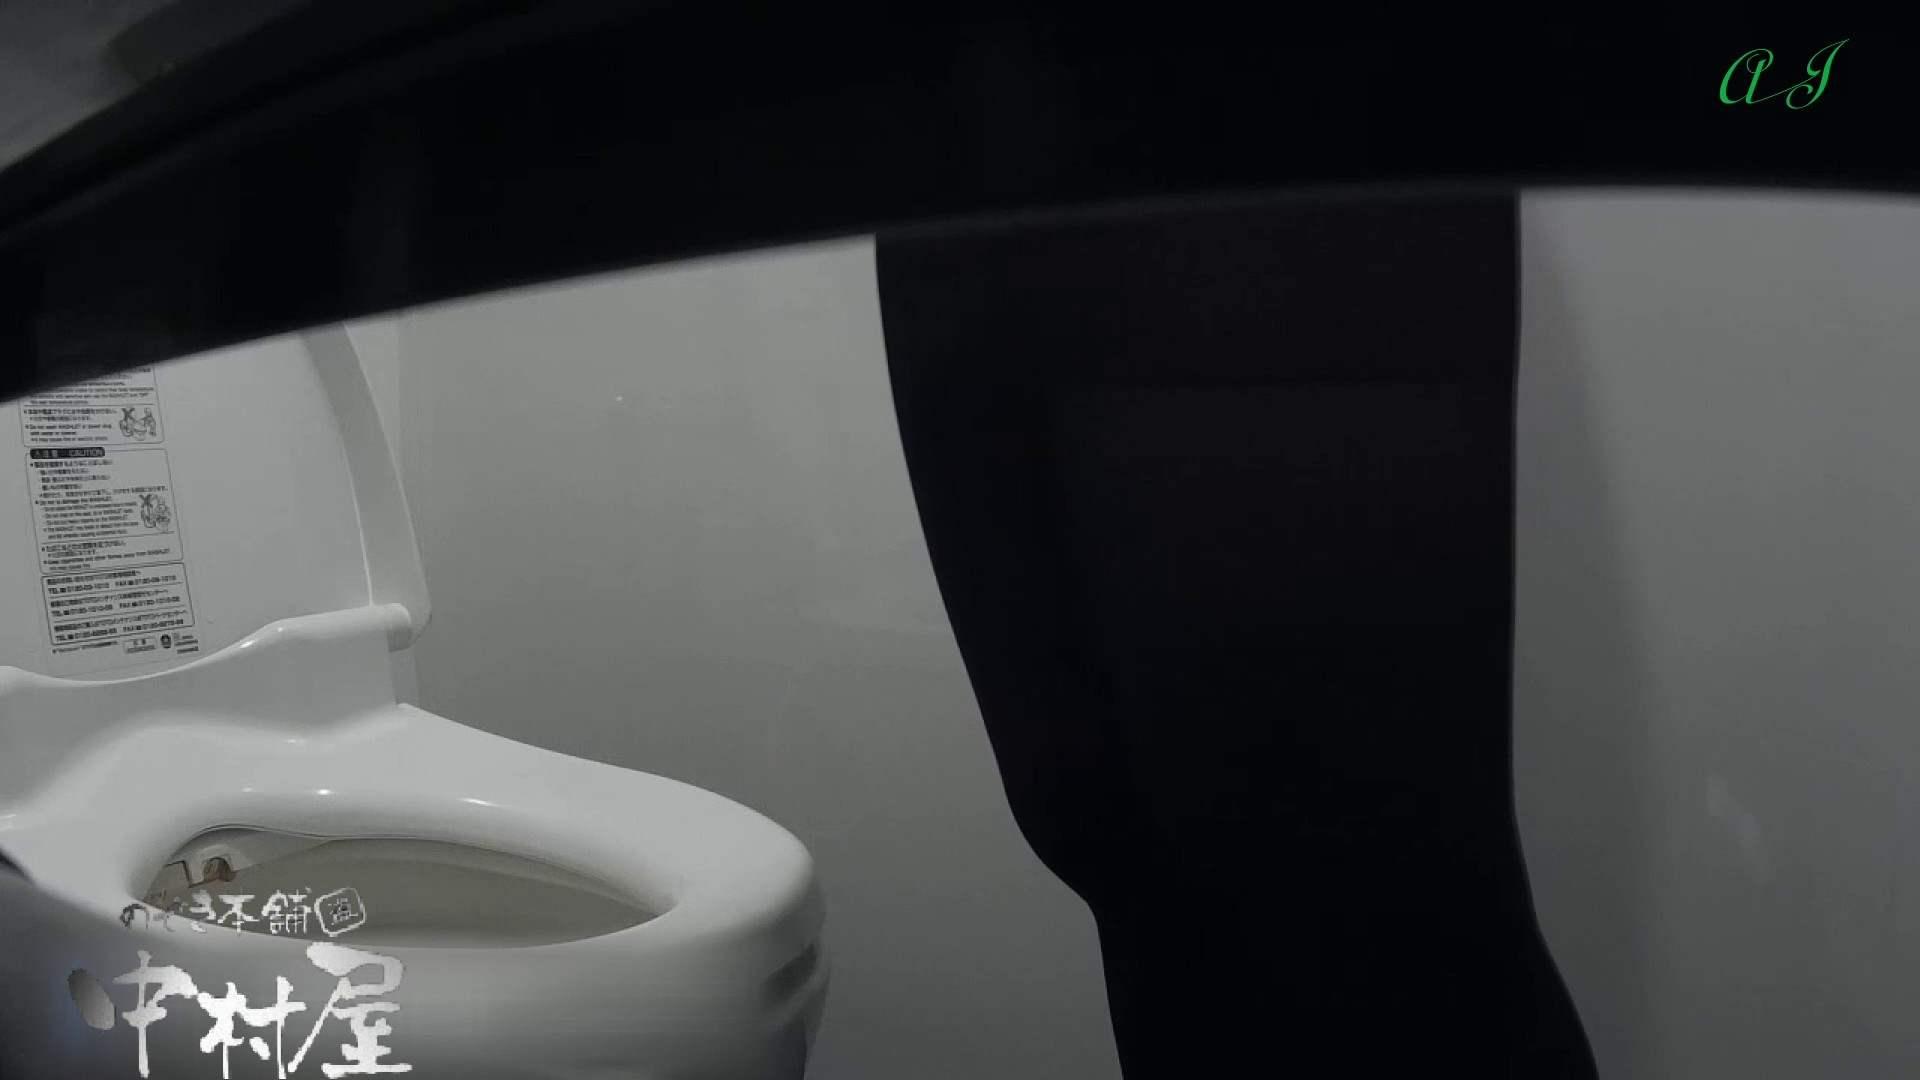 新アングル 4名の美女達 有名大学女性洗面所 vol.76後編 洗面所編 オマンコ無修正動画無料 98PIX 34